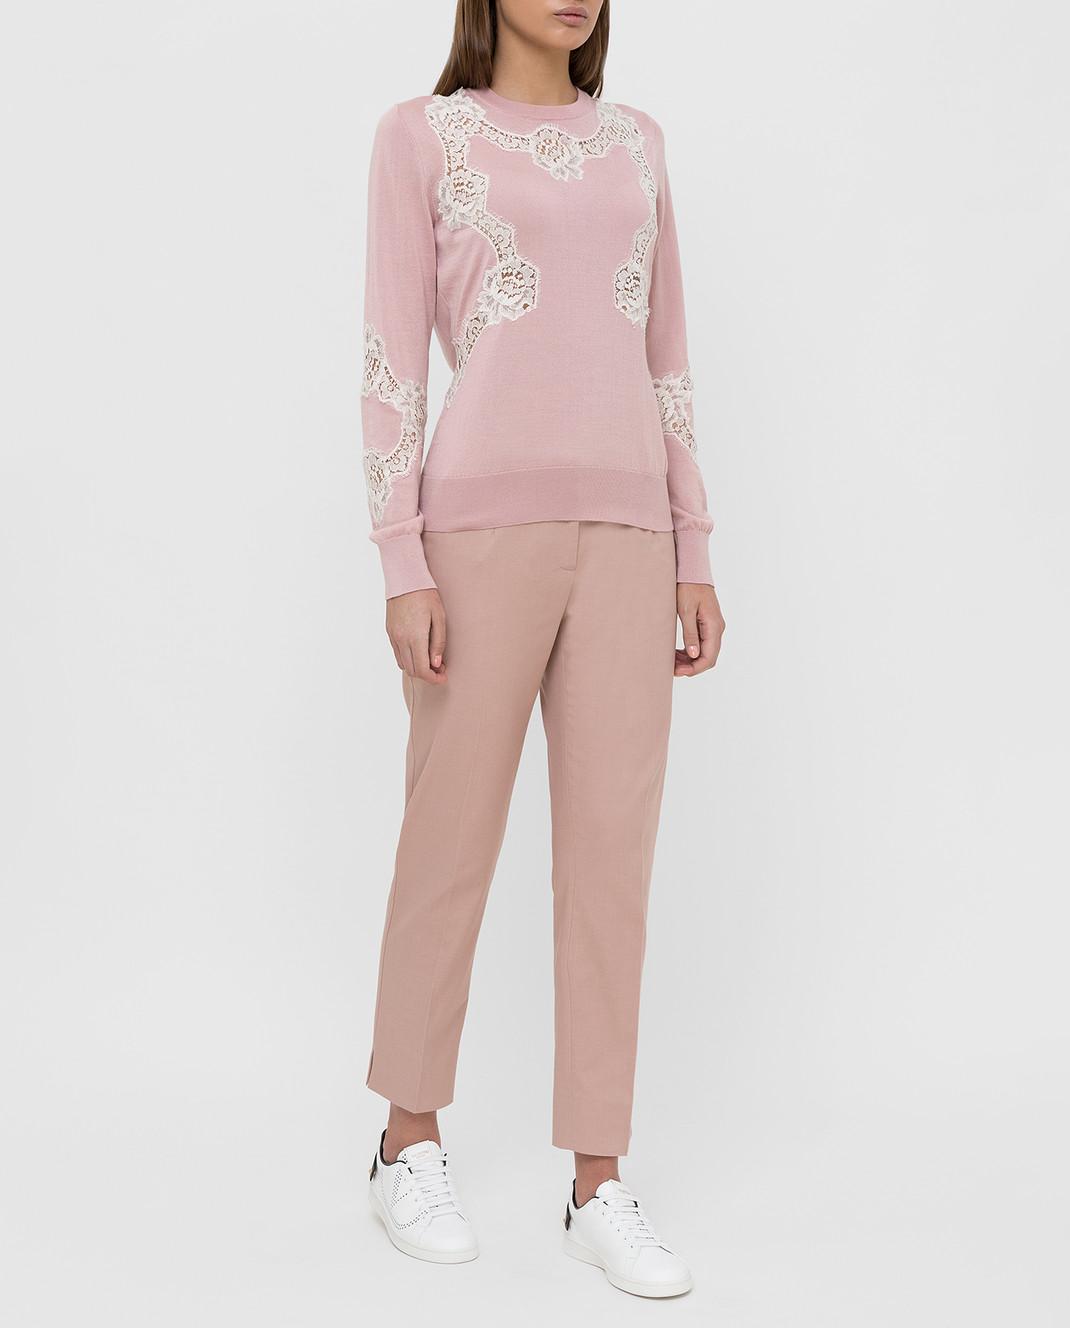 Dolce&Gabbana Розовые брюки FTAGNTFUFGD изображение 2